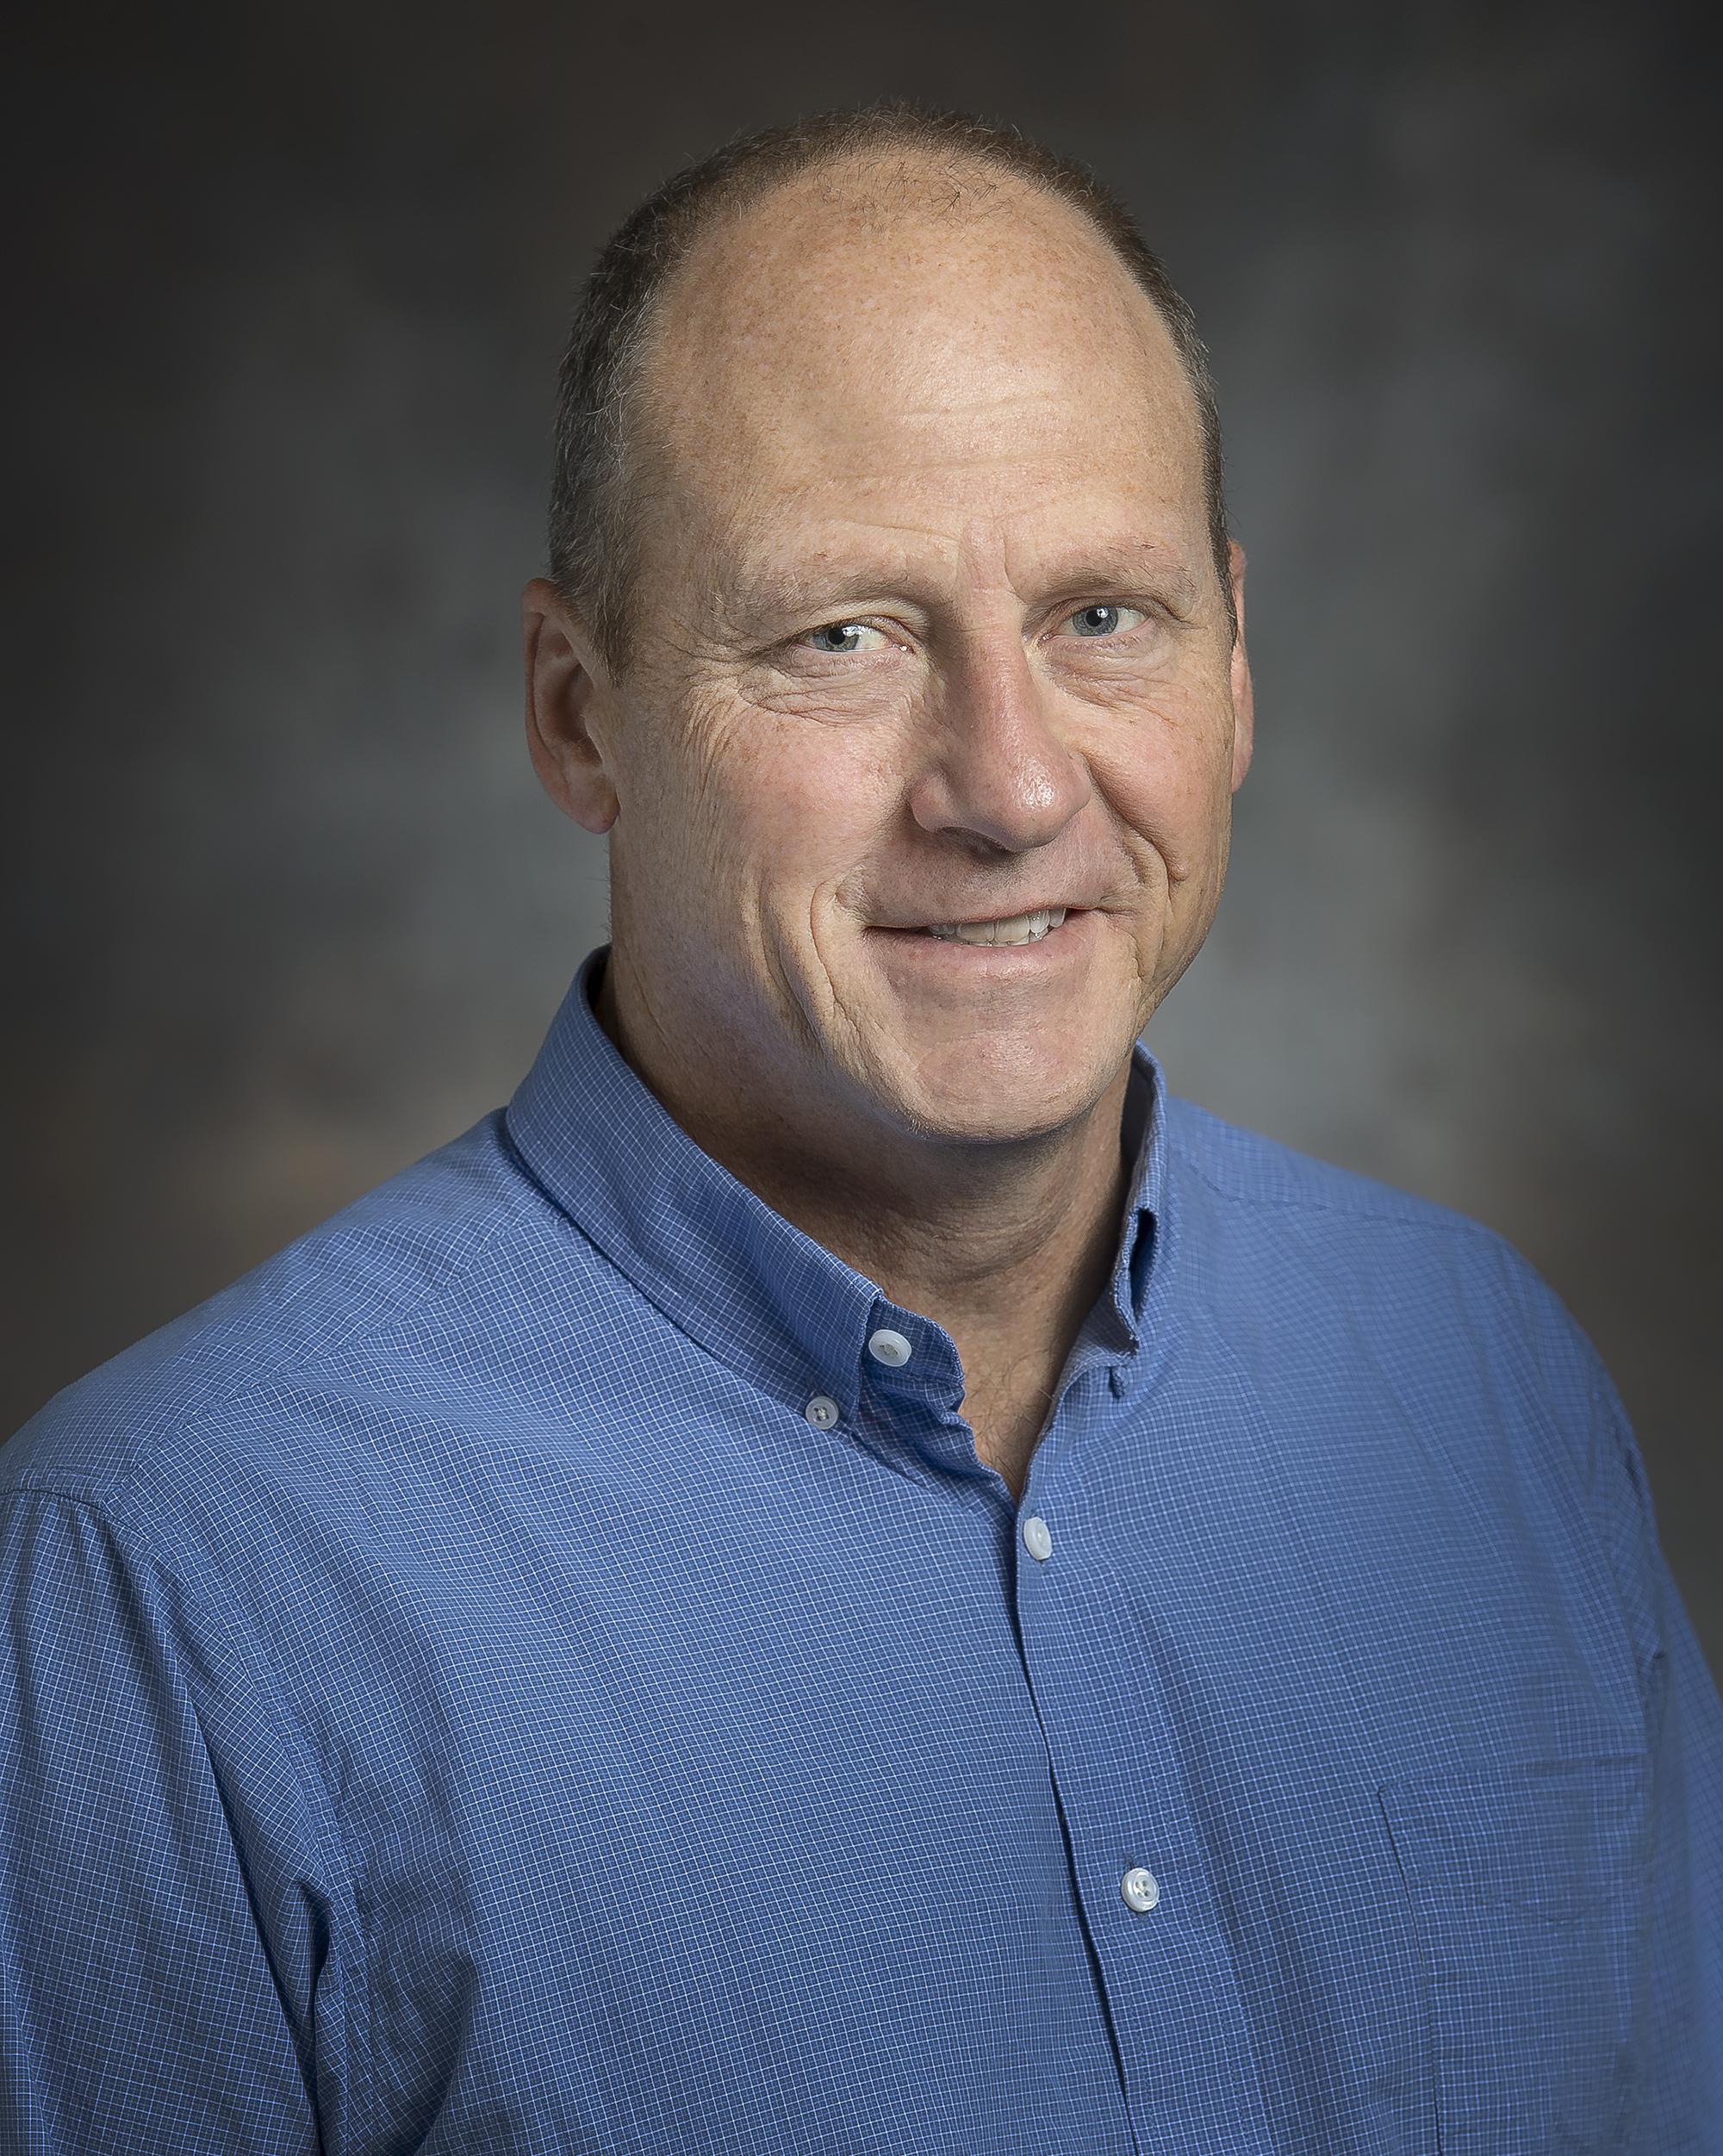 Kevin Kempton